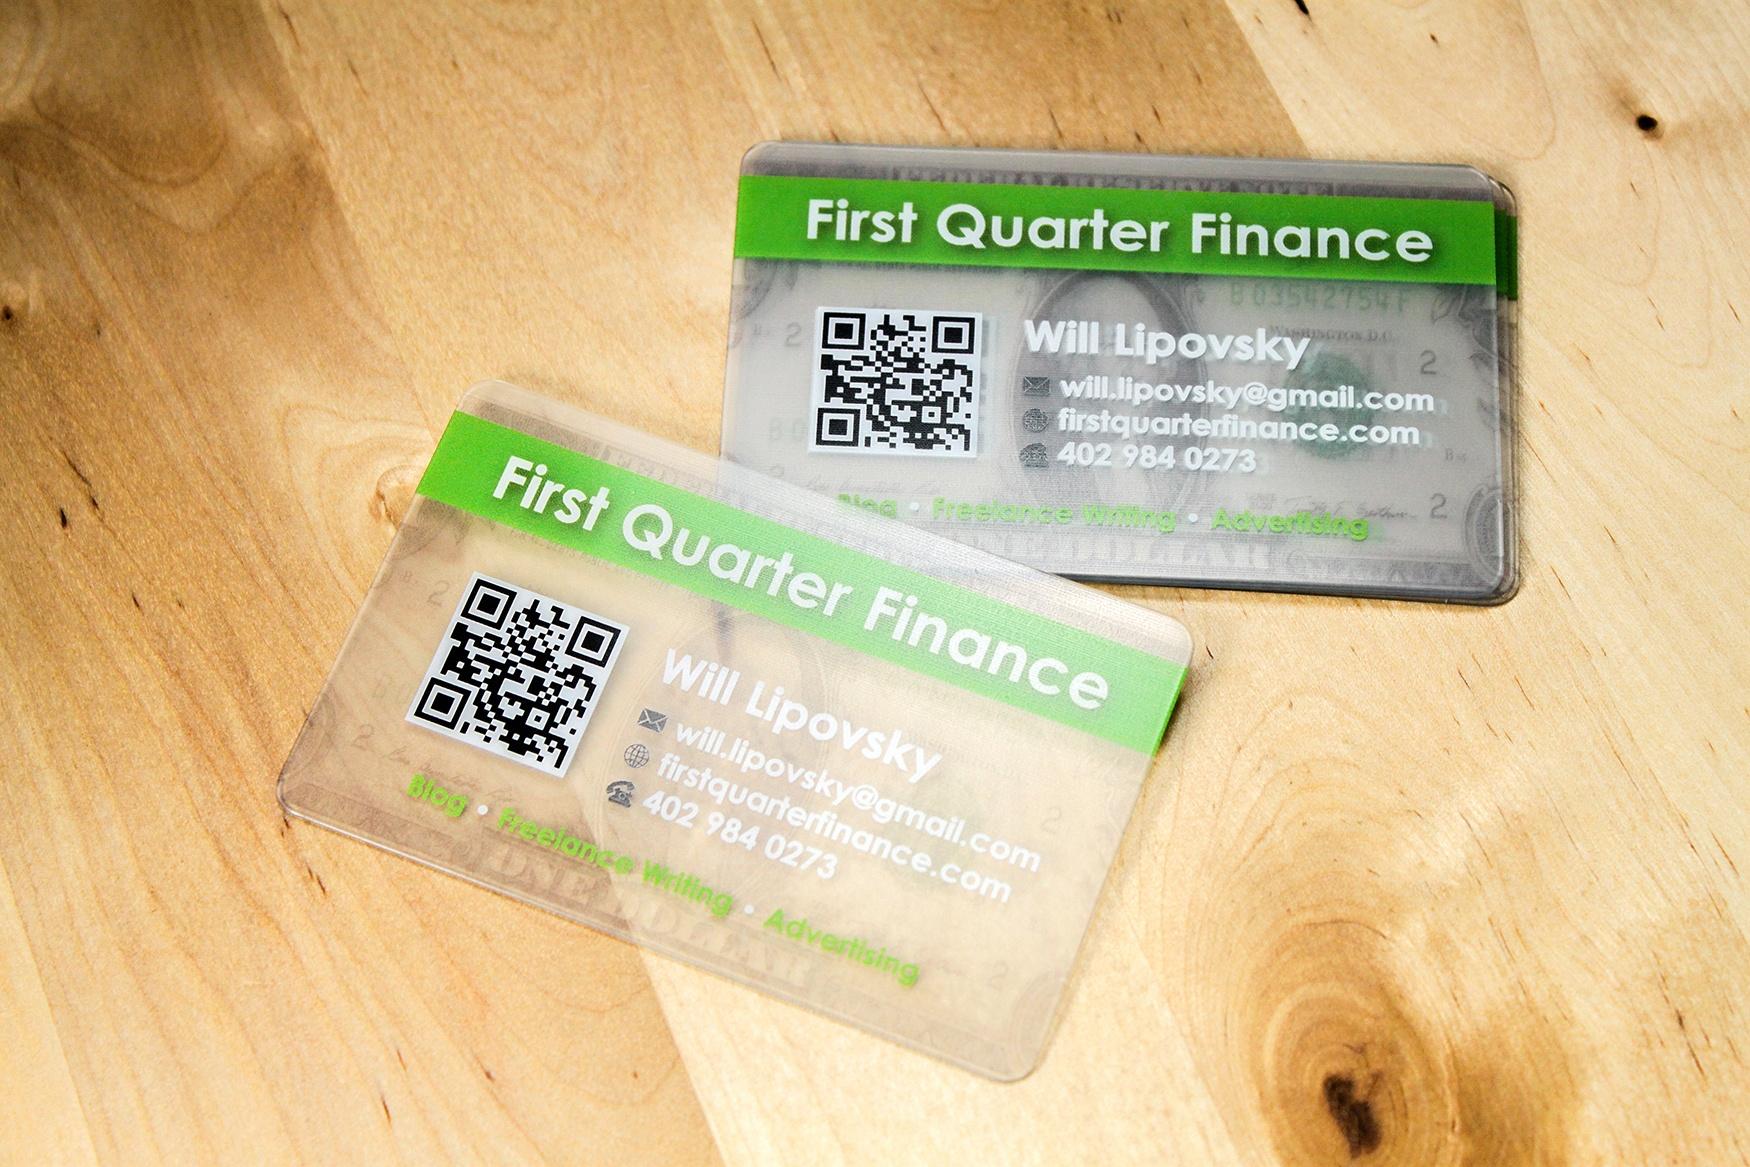 First Quarter Finance Business Cards